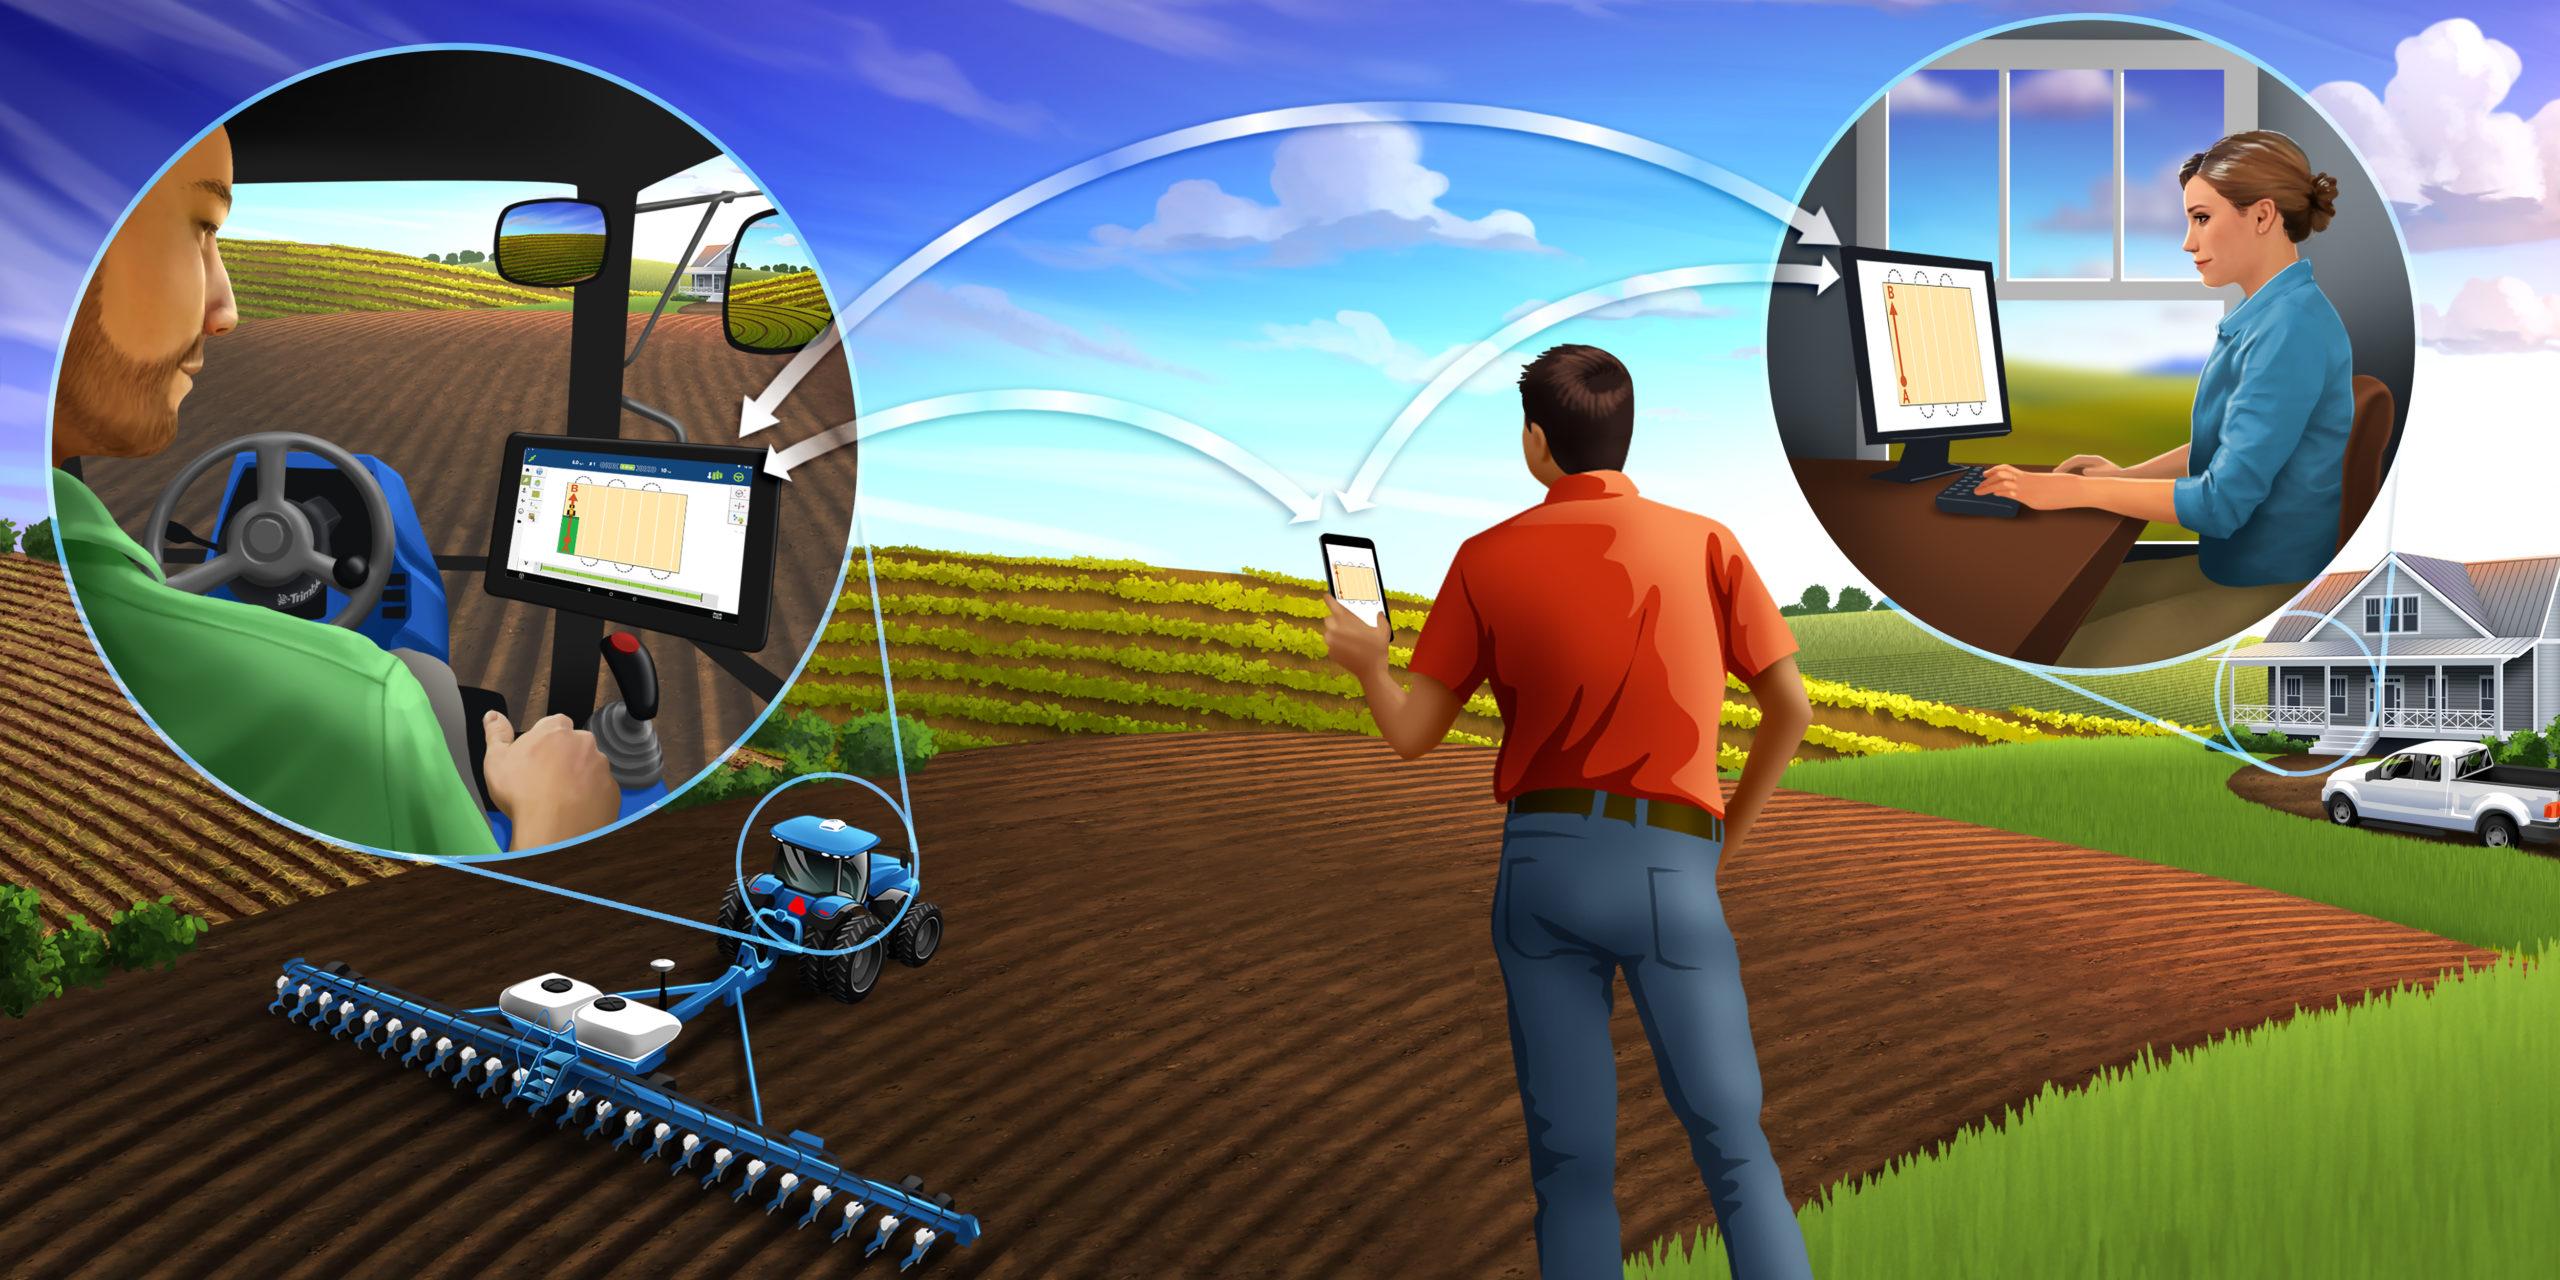 Закладка нового садового питомника с помощью оборудования точного земледелия Trimble